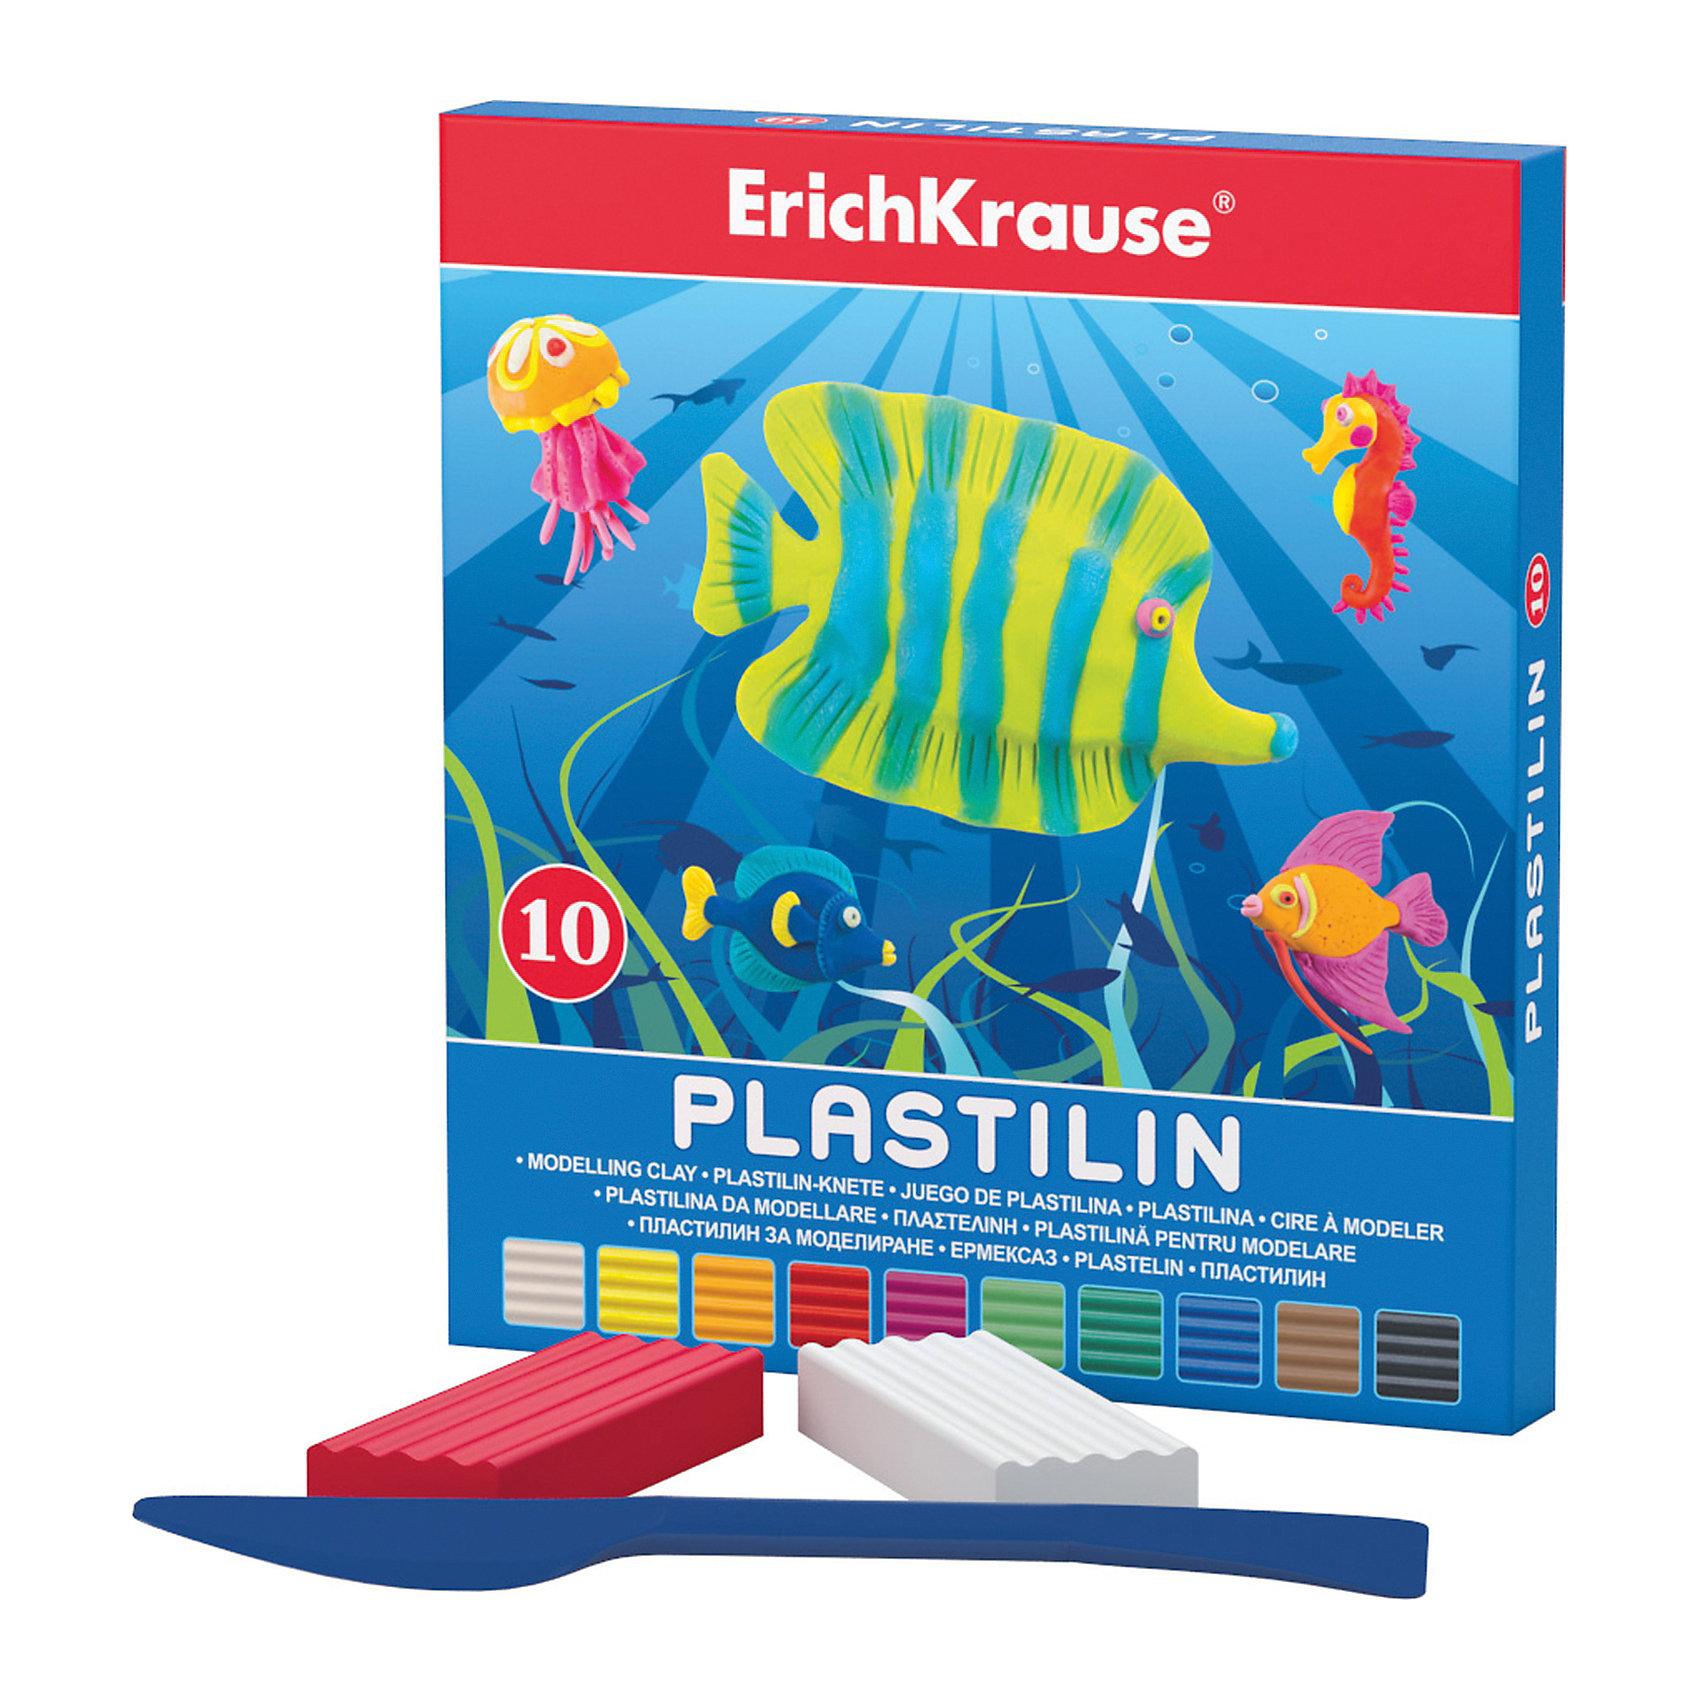 Пластилин 10 цветов, 180г, со стекомПластилин 10 цветов, 180г, со стеком<br><br>Характеристики:<br><br>• В набор входит: 10 брусочков пластилина, лопаточка-стек<br>• Размер упаковки: 14,5 * 1,6 * 13 см.<br>• Вес: 213 г.<br>• Для детей в возрасте: от 3-х лет<br>• Страна производитель: Китай<br><br>Десять ярких цветных брусочков пластилина изготовлены из безопасных для детей материалов и уже готовы к лепке. В набор входит лопаточка для пластилина, с ней вы сможете разрезать пластилин, делать его плоским или рифленым. Насыщенные цвета пластилина почти не оставляют следов на руках и могут перемешиваться между собой. Поделки из разных цветов отлично прикрепляются друг к другу. Работая с пластилином вы можете делать объемные фигурки, а также можете наносить пластилин на бумагу, картон или даже стекло, чтобы выполнять новые картины или даже фрески. <br><br>В набор входят основные десять цветов, которые помогут создать настоящие шедевры. Занимаясь лепкой дети развивают моторику рук, творческие способности, восприятие цветов и их сочетаний, а также лепка благотворно влияет на развитие речи, координацию движений, память и логическое мышление. Лепка всей семьей поможет весело и пользой провести время!<br><br>Пластилин 10 цветов, 180г, со стеком можно купить в нашем интернет-магазине<br><br>Ширина мм: 133<br>Глубина мм: 145<br>Высота мм: 16<br>Вес г: 213<br>Возраст от месяцев: 60<br>Возраст до месяцев: 216<br>Пол: Унисекс<br>Возраст: Детский<br>SKU: 5409292